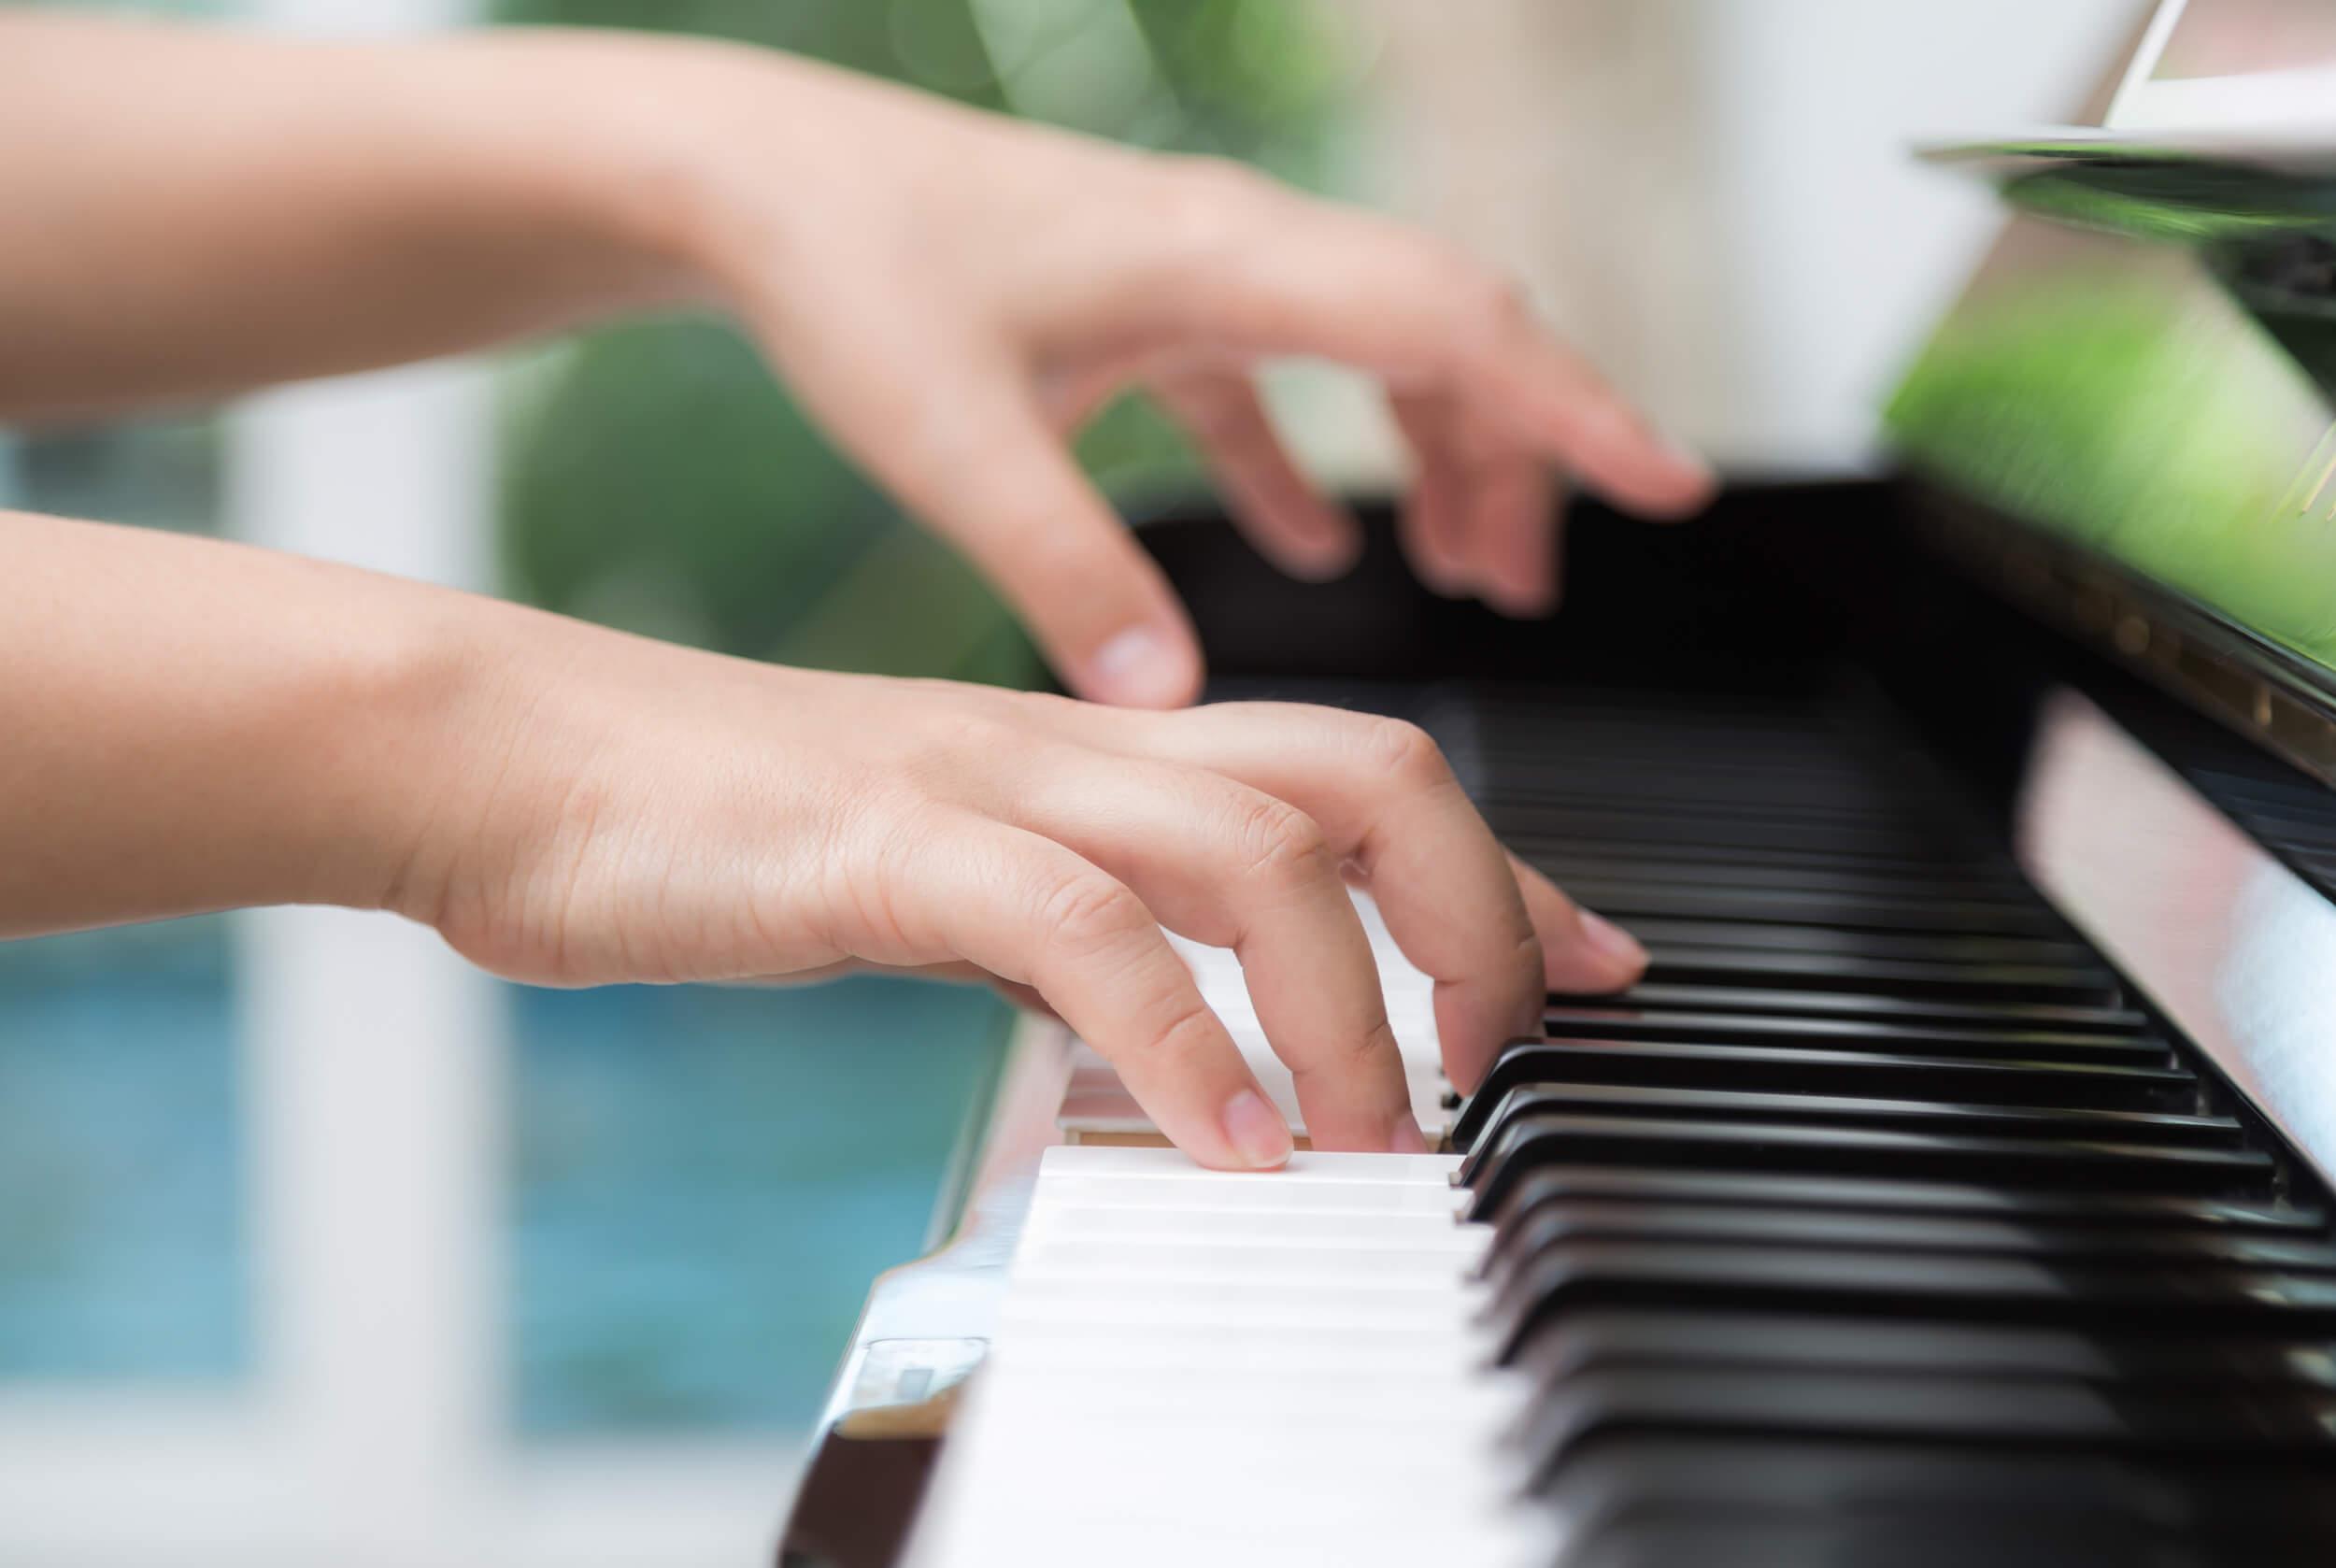 10 fingre spiller klaver